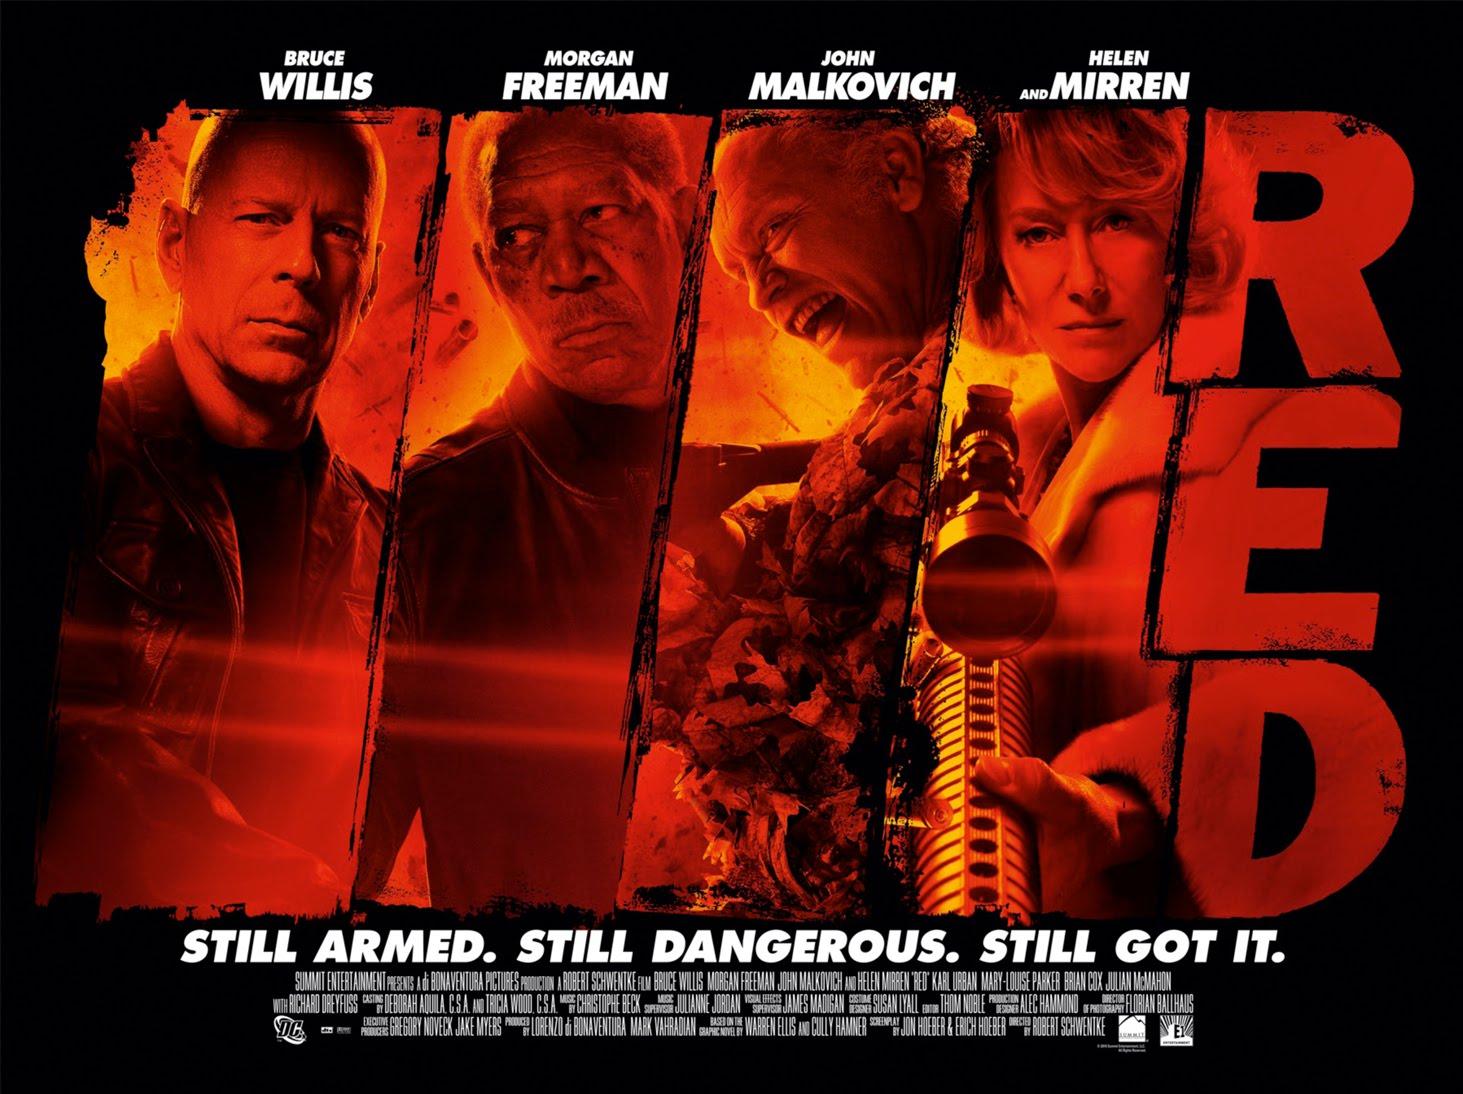 http://1.bp.blogspot.com/_b3qZbj53ZA8/TNDSMdnRu2I/AAAAAAAAAEQ/-aFgIFrP5Zc/s1600/Red_Movie.jpg